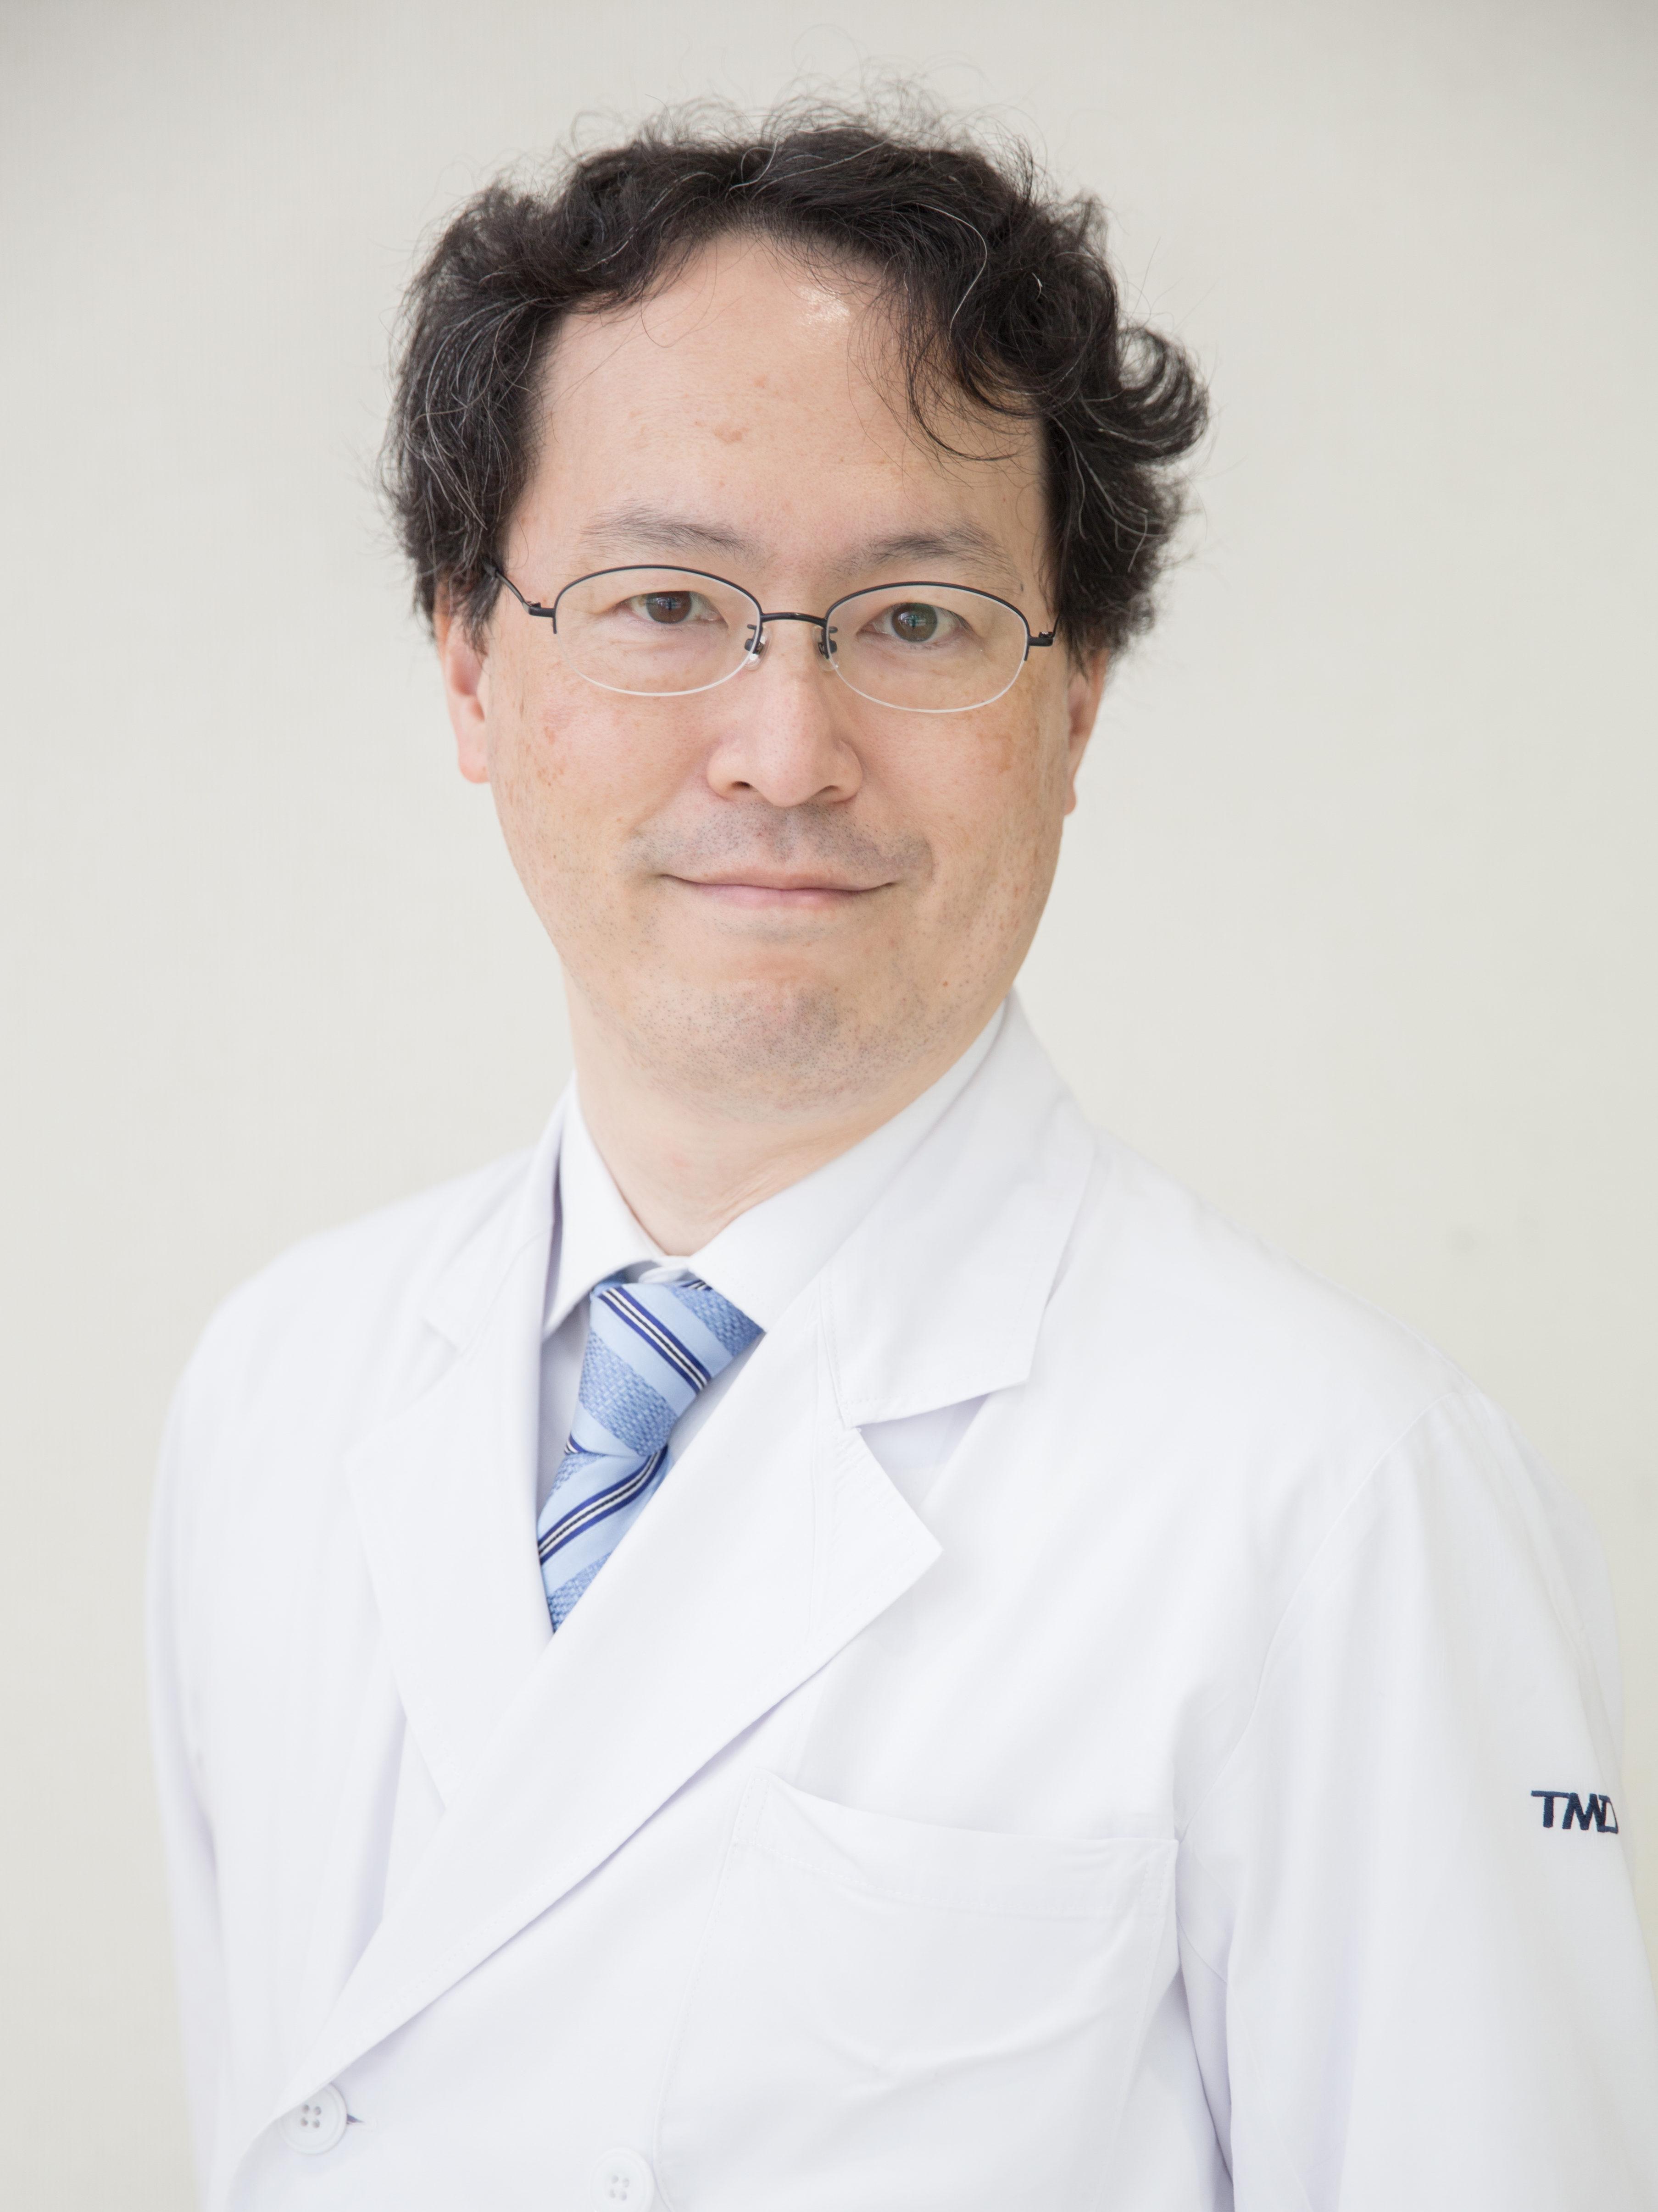 循環器内科 教授 笹野 哲郎